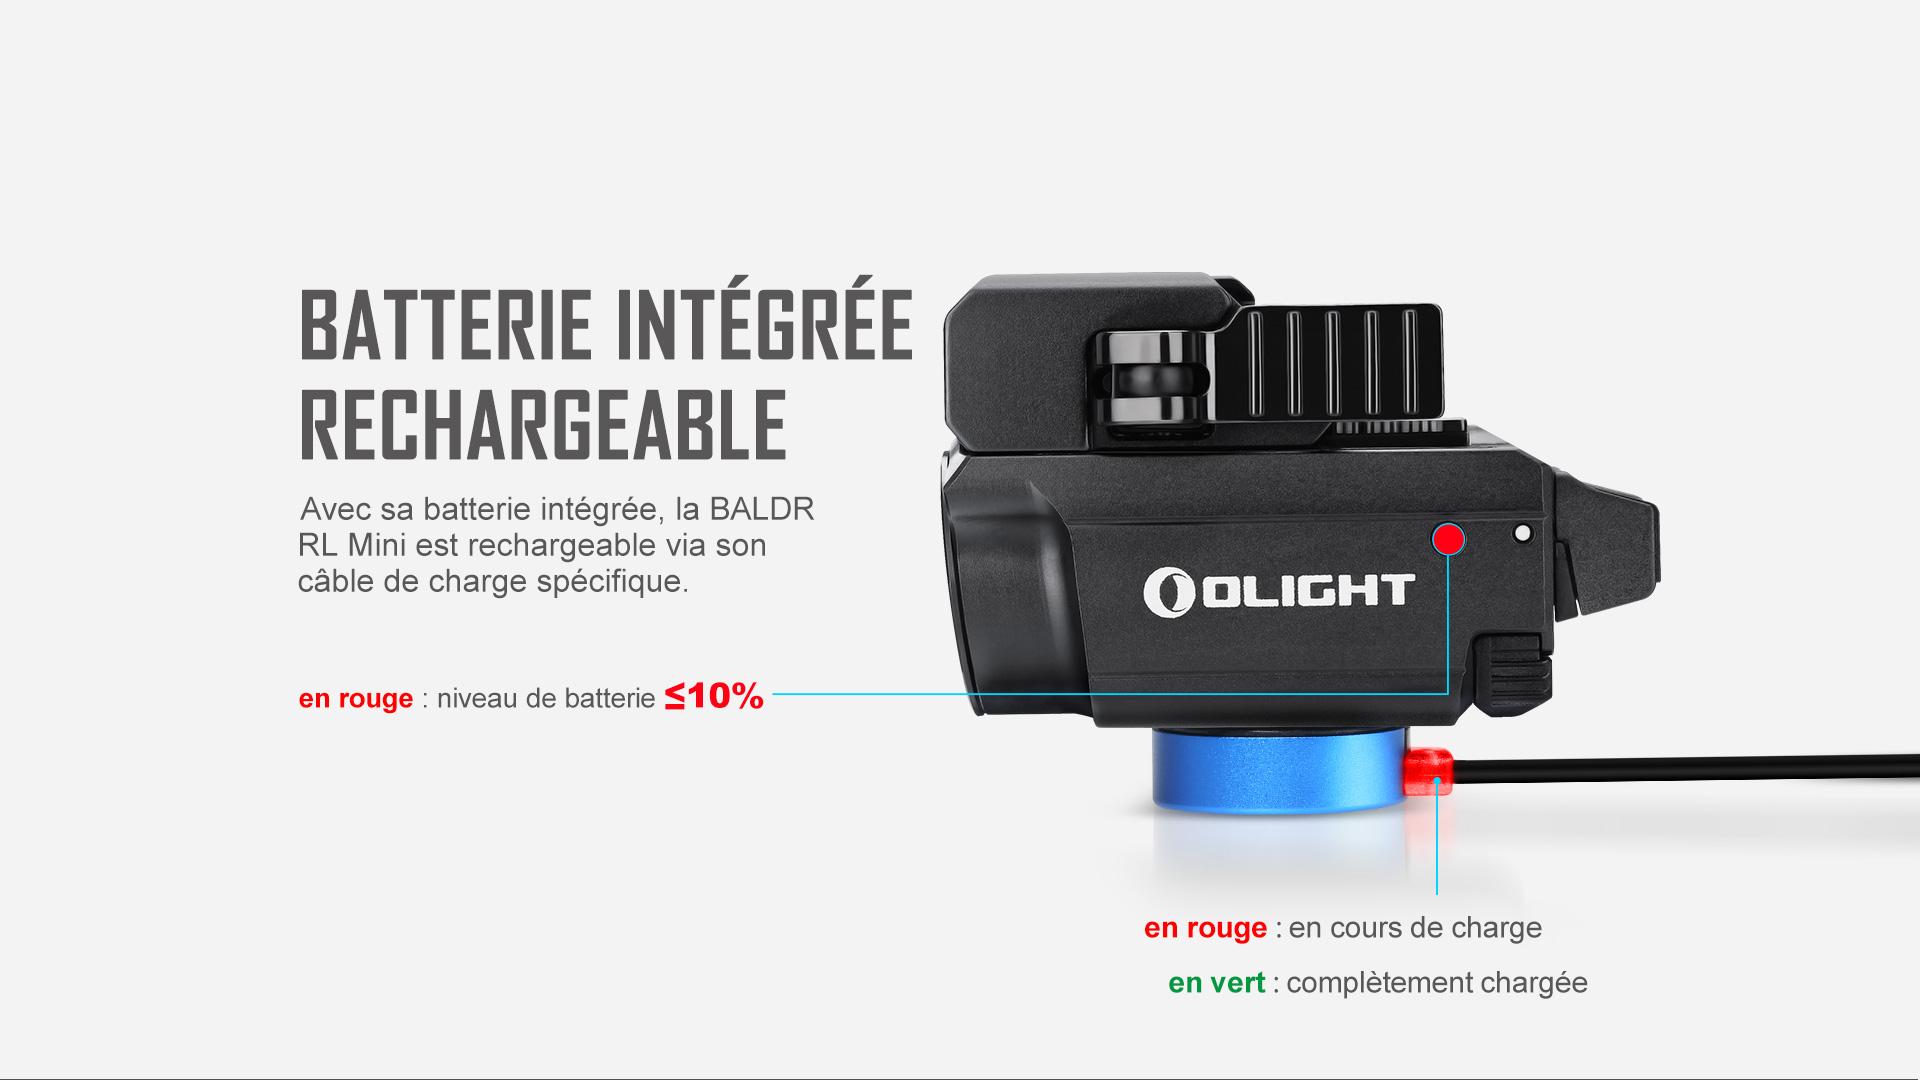 Baldr RL Mini a une batterie rechargeable intégrée